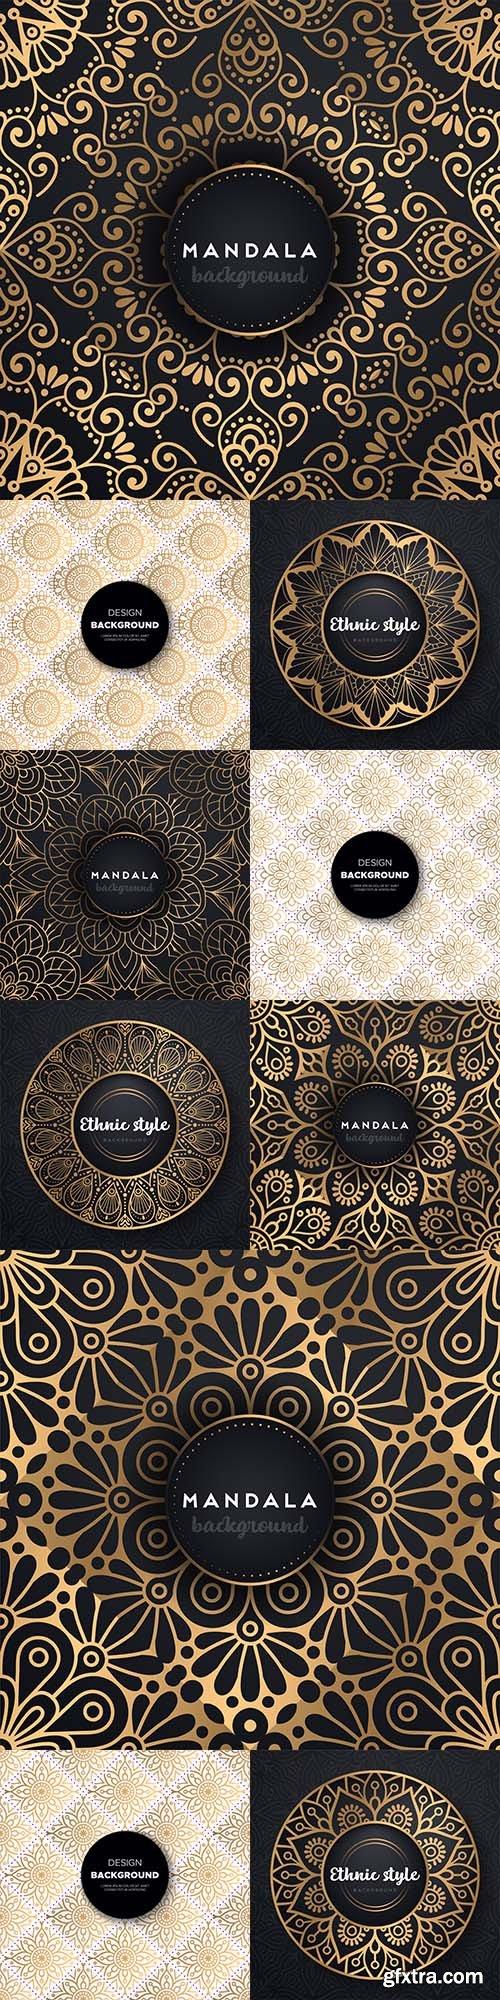 Mandala golden background and luxury wedding invitation